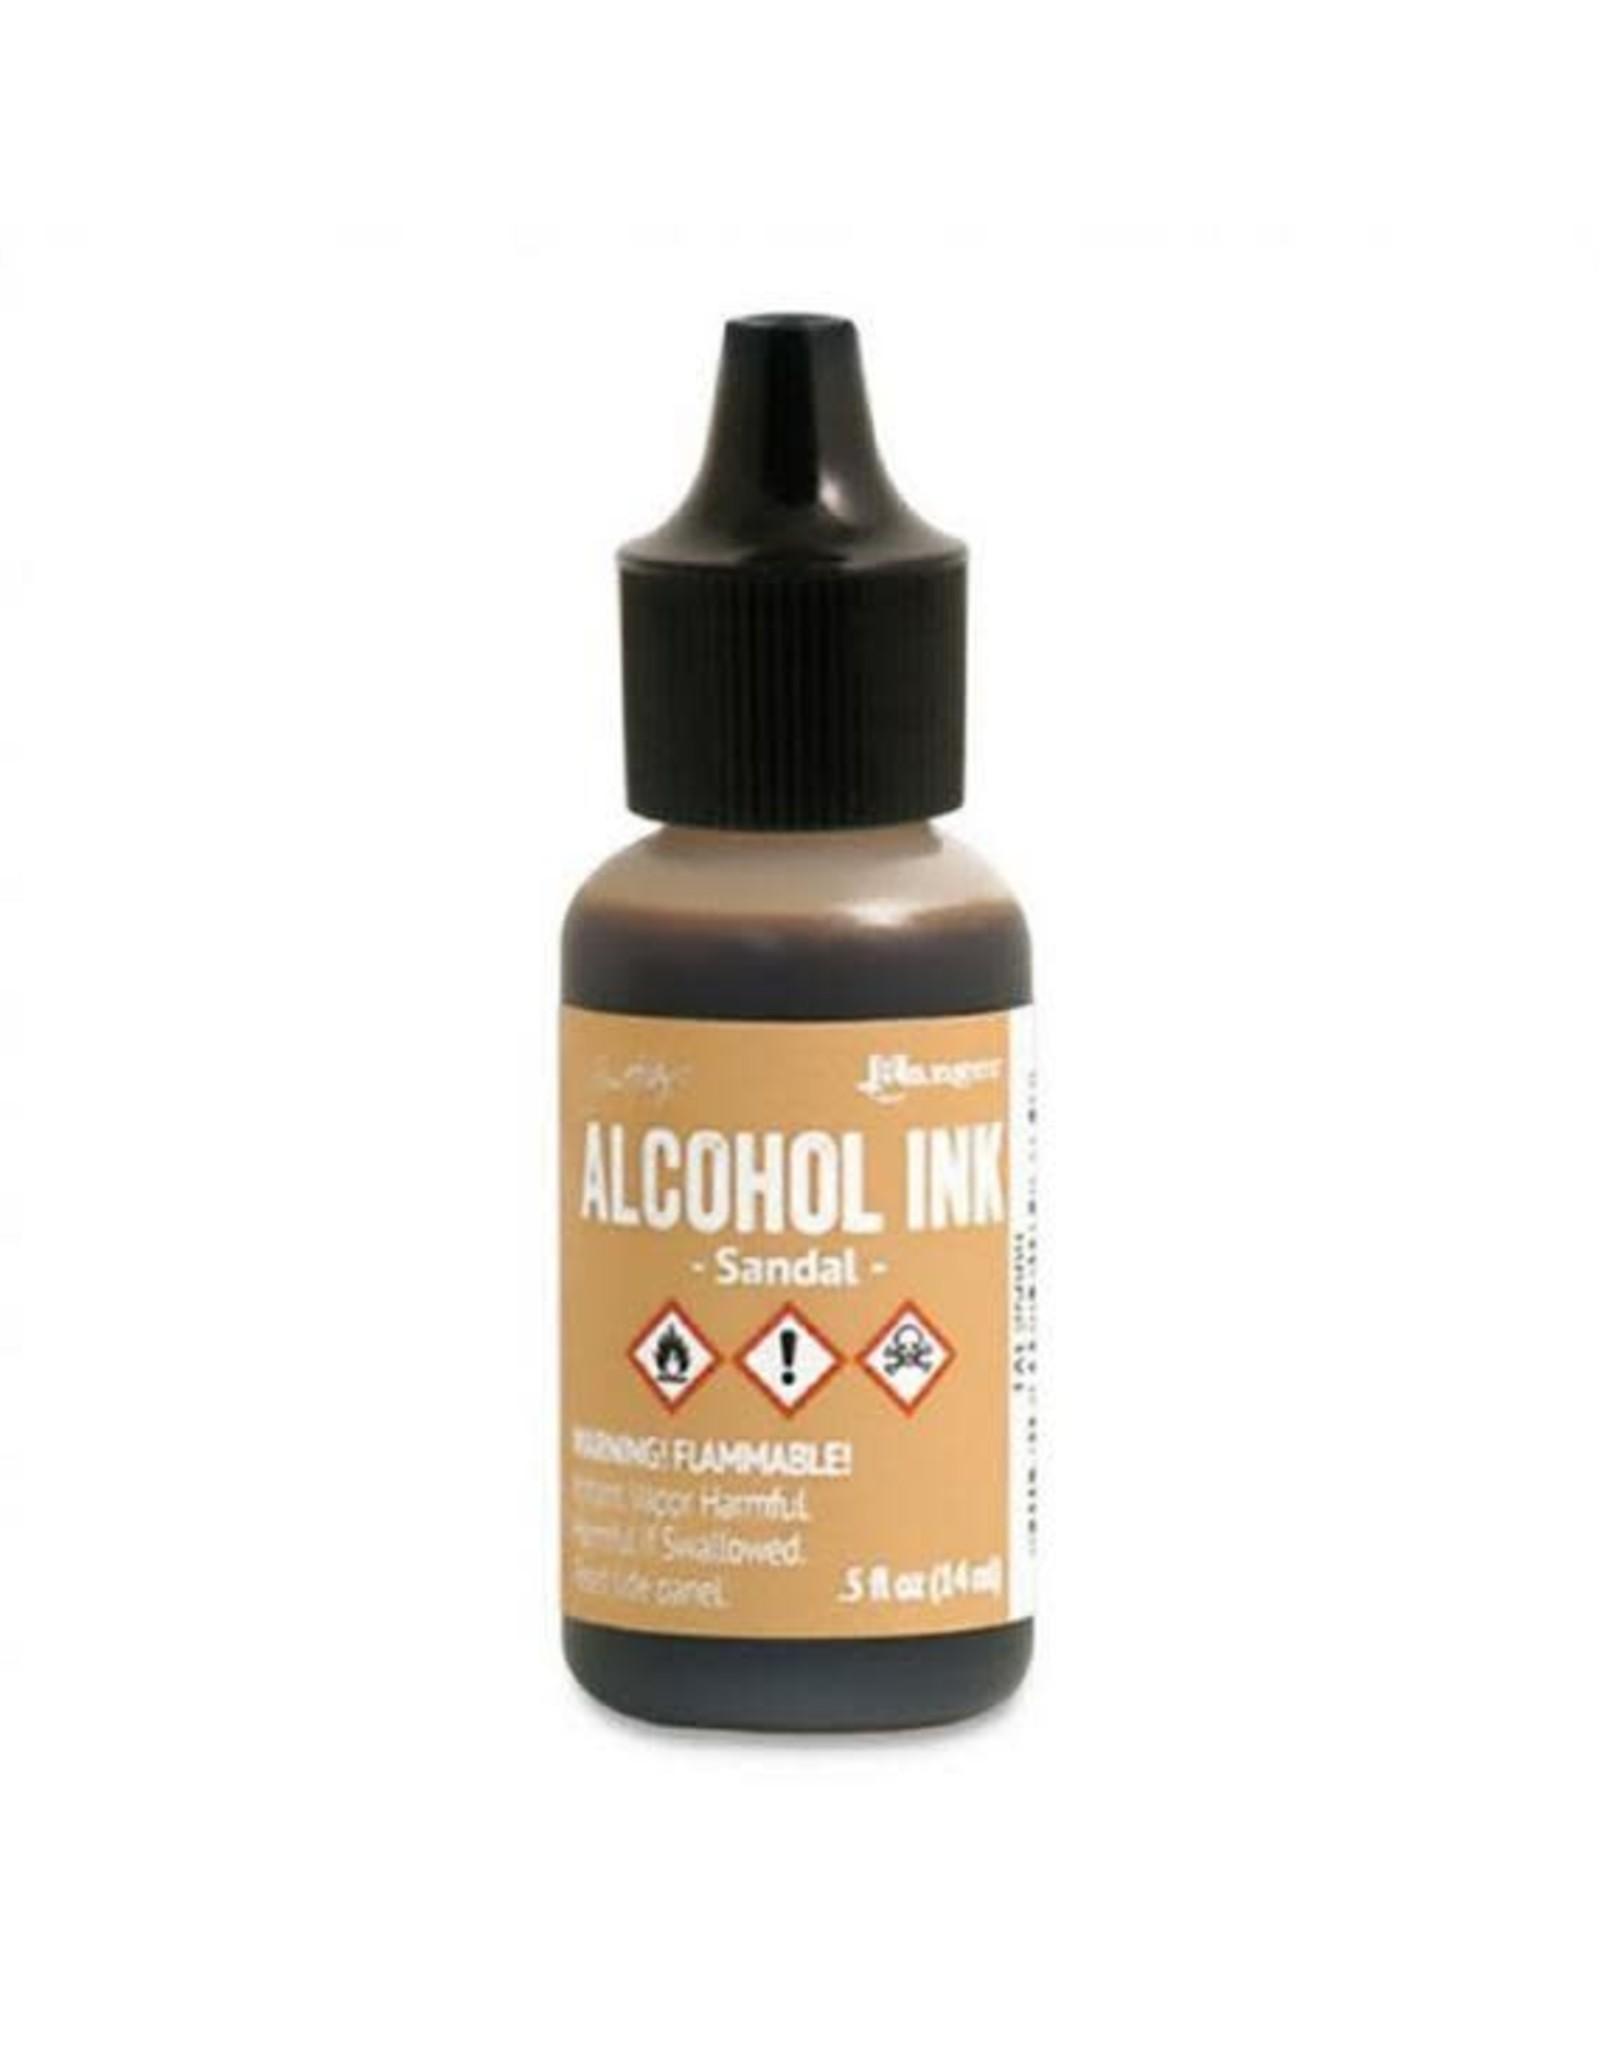 Tim Holtz Alcohol Ink 1/2 oz Sandal